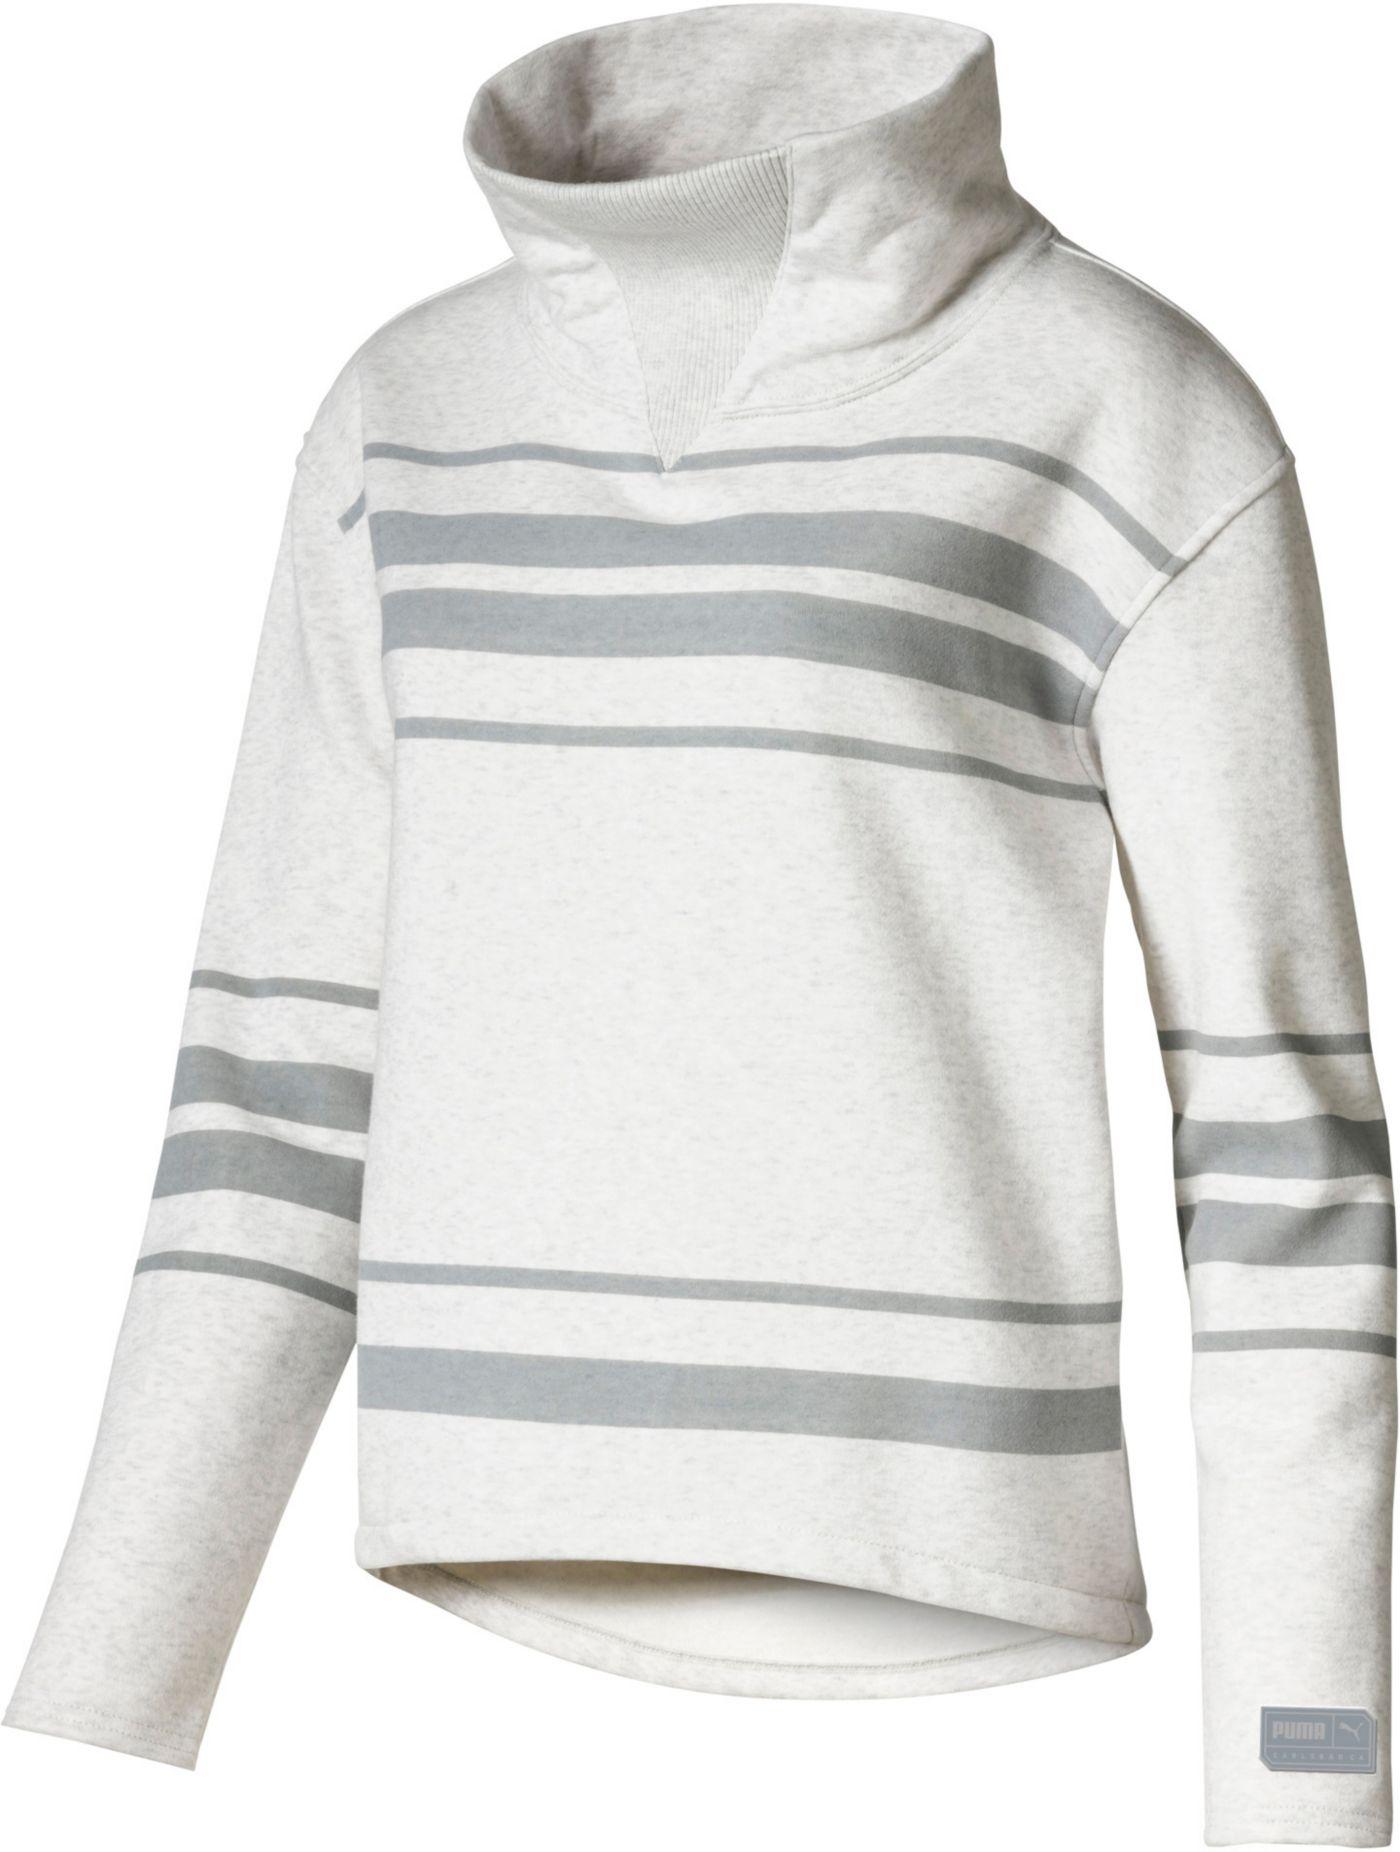 PUMA Women's Slouchy Fleece Golf Pullover